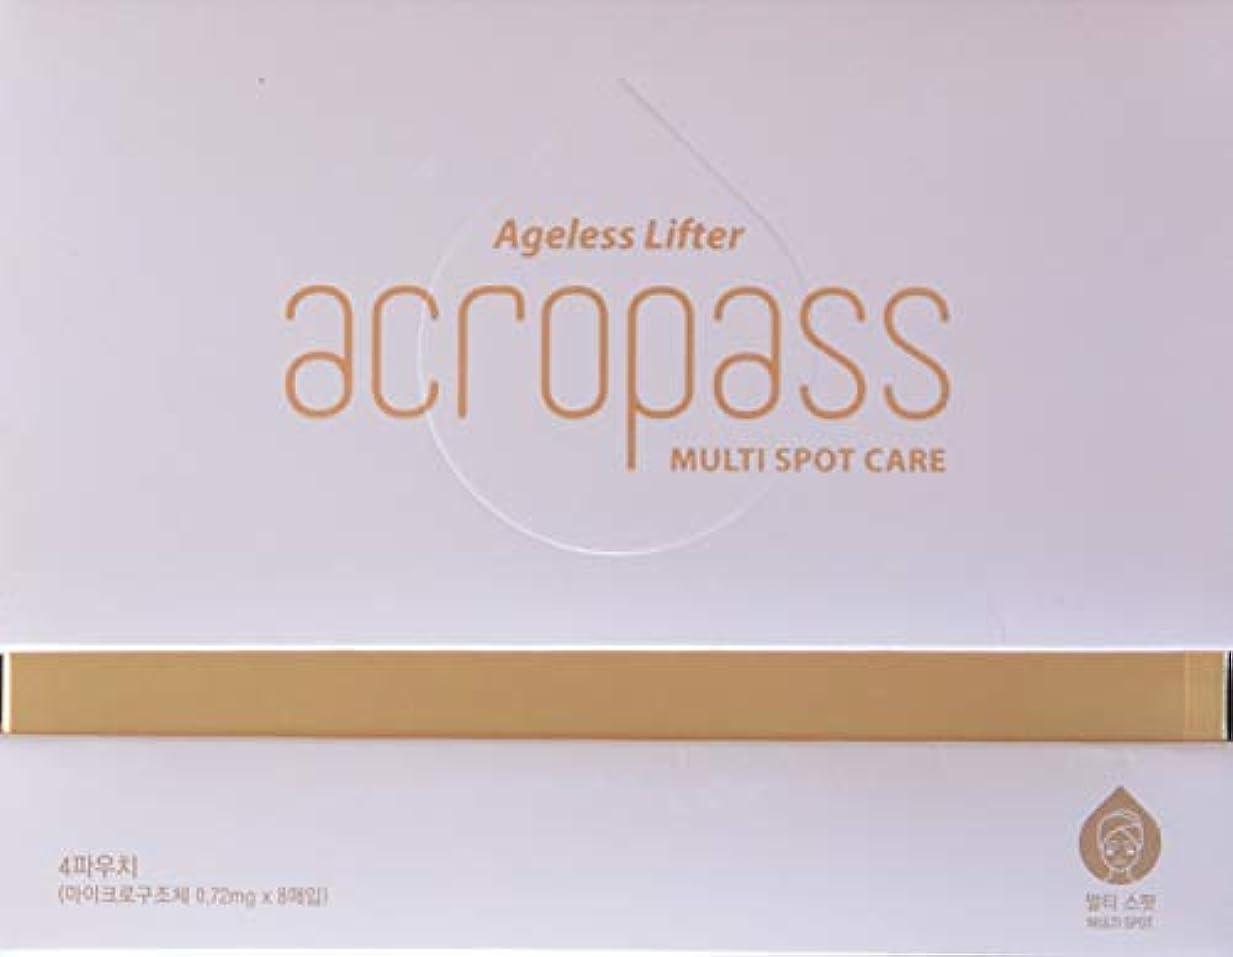 同封する磁気アラームアクロパス マルチスポットケア 1箱:4パウチ入り(1パウチに2枚入り) 目尻や局所用アクロパス、ヒアルロン酸+EGF配合マイクロニードルパッチ